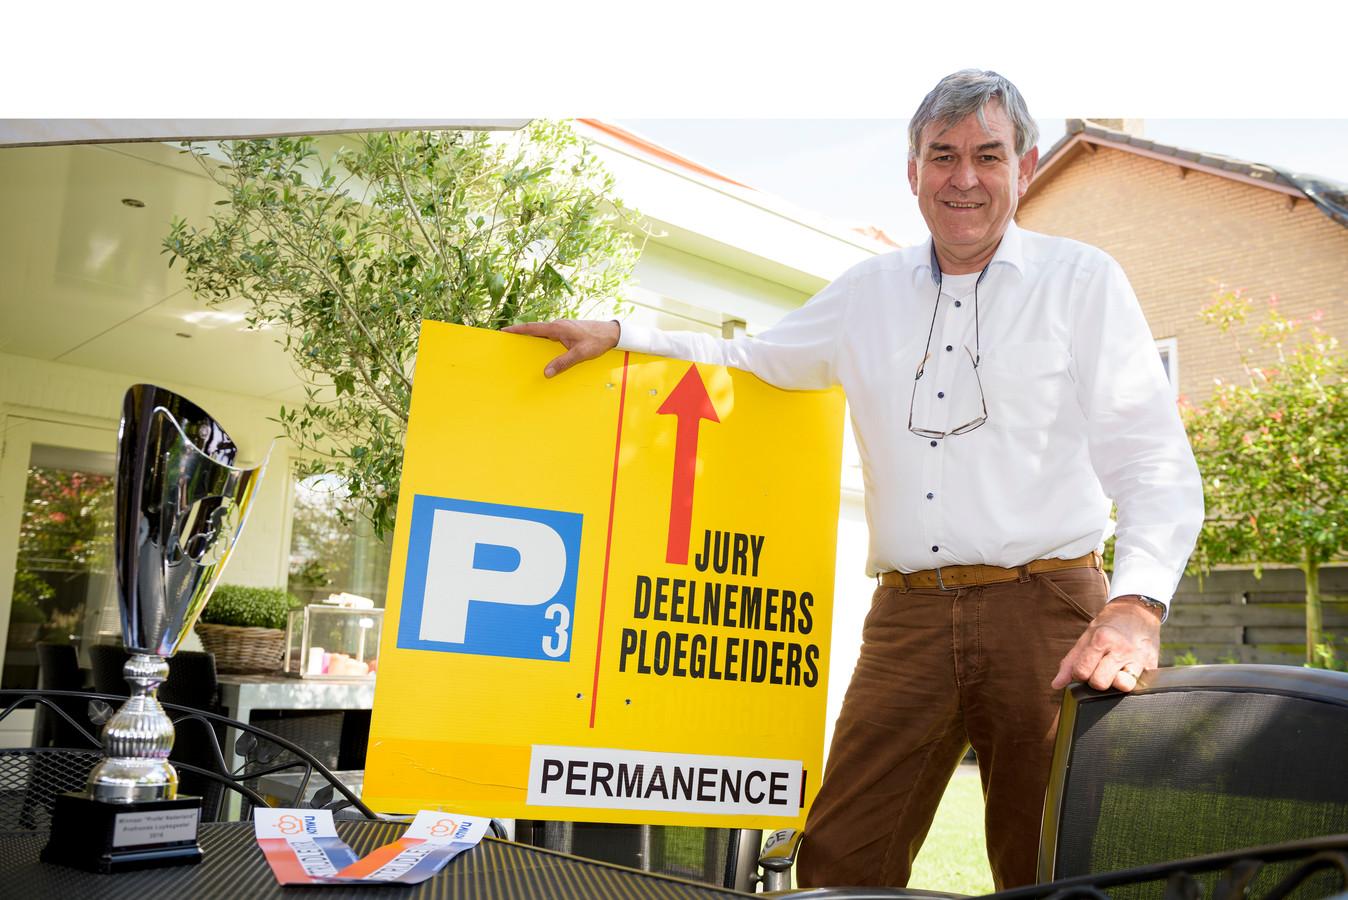 Wil Bellemakers in 2017, in betere tijden. Volgend jaar wil hij samen met zijn collega's van het wielercomité in Luyksgestel weer een mooi evenement neerzetten.